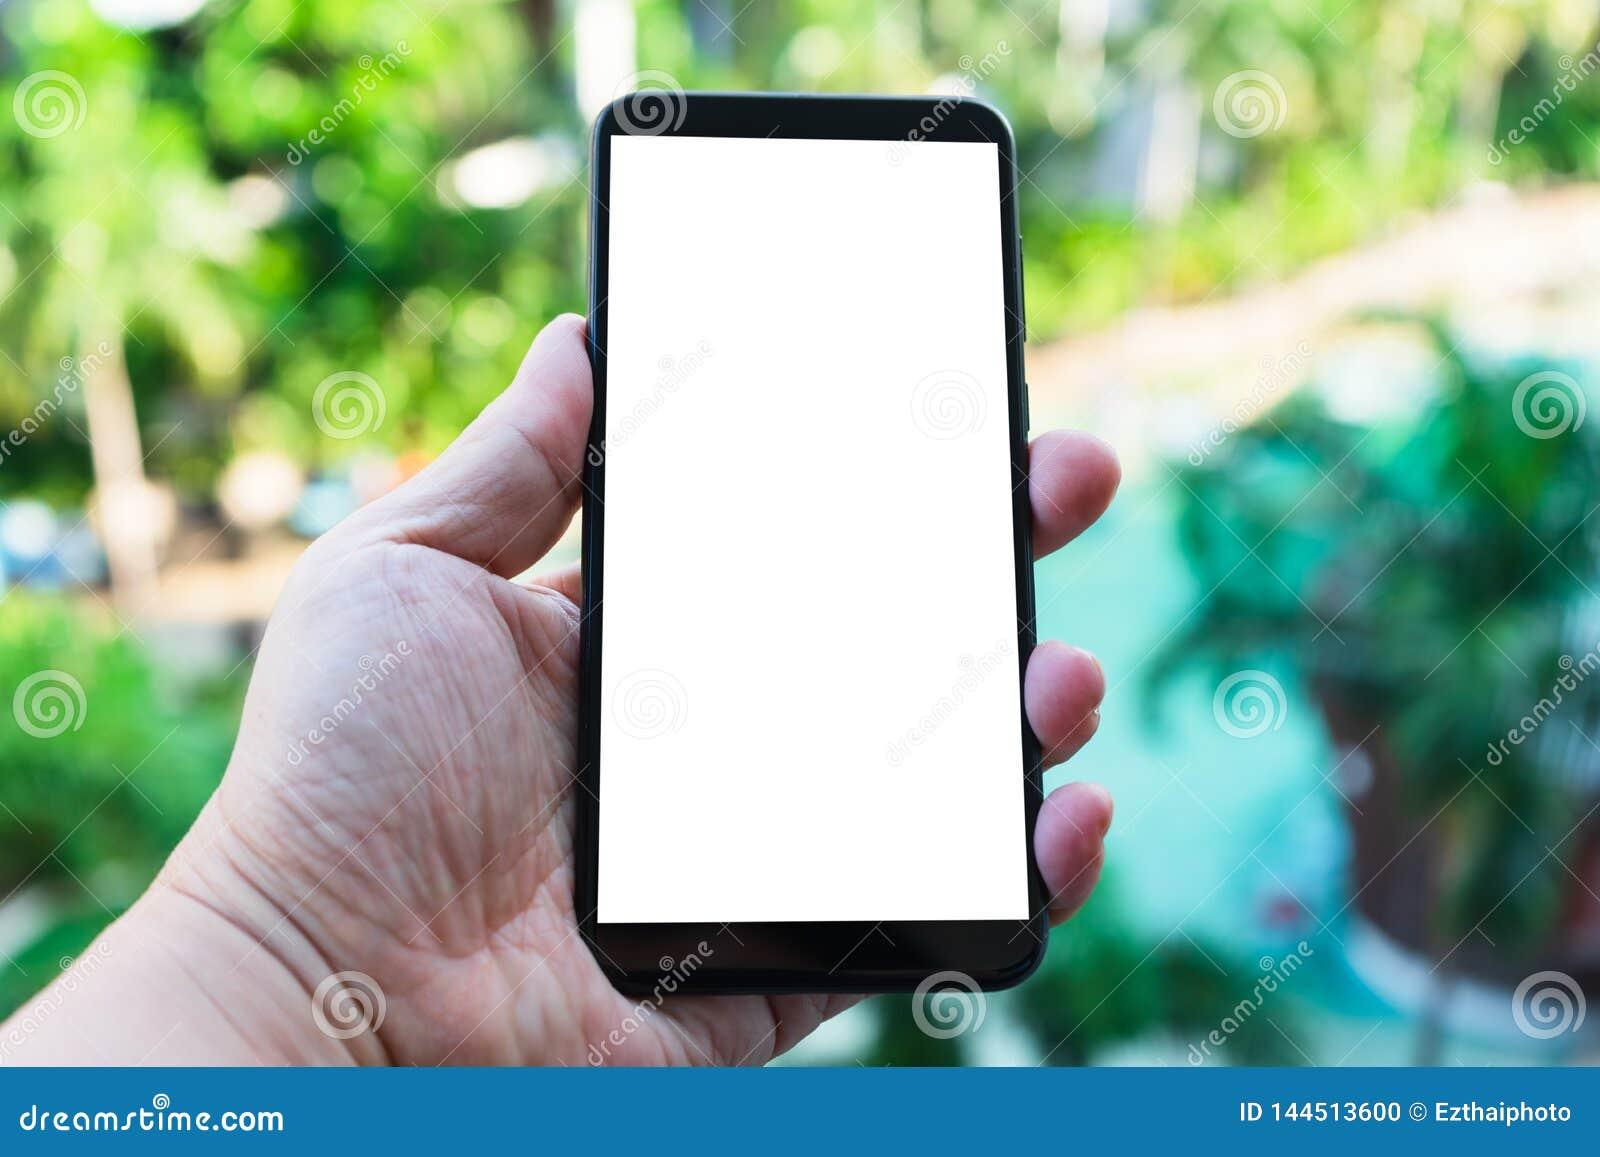 Imagen de la maqueta de la mano que sostiene el nuevo teléfono móvil negro con la pantalla en blanco con el fondo verde del bok